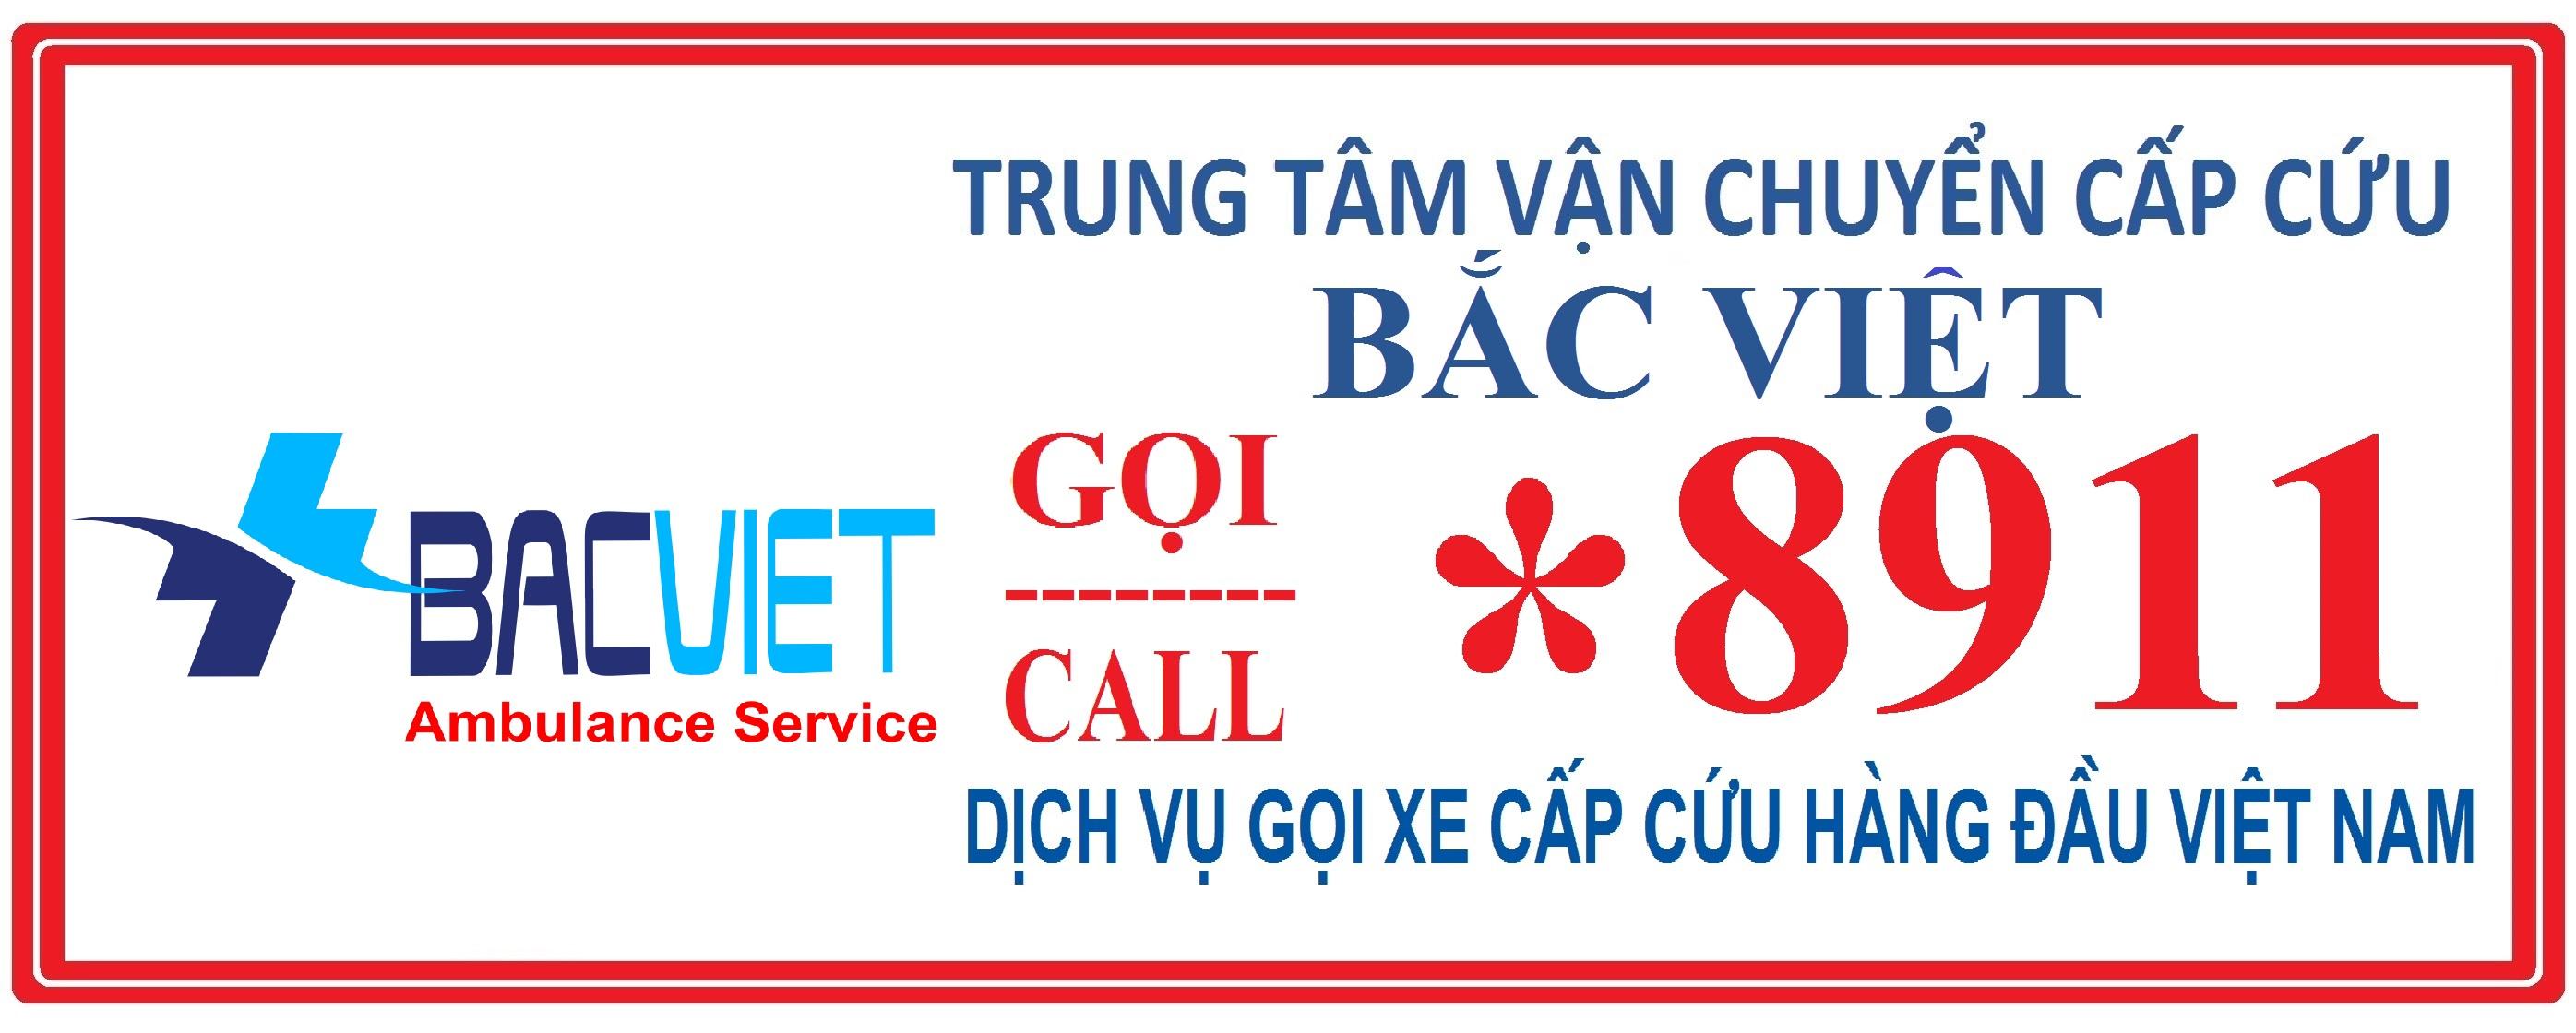 1581073358_logobanerbacviet.jpg